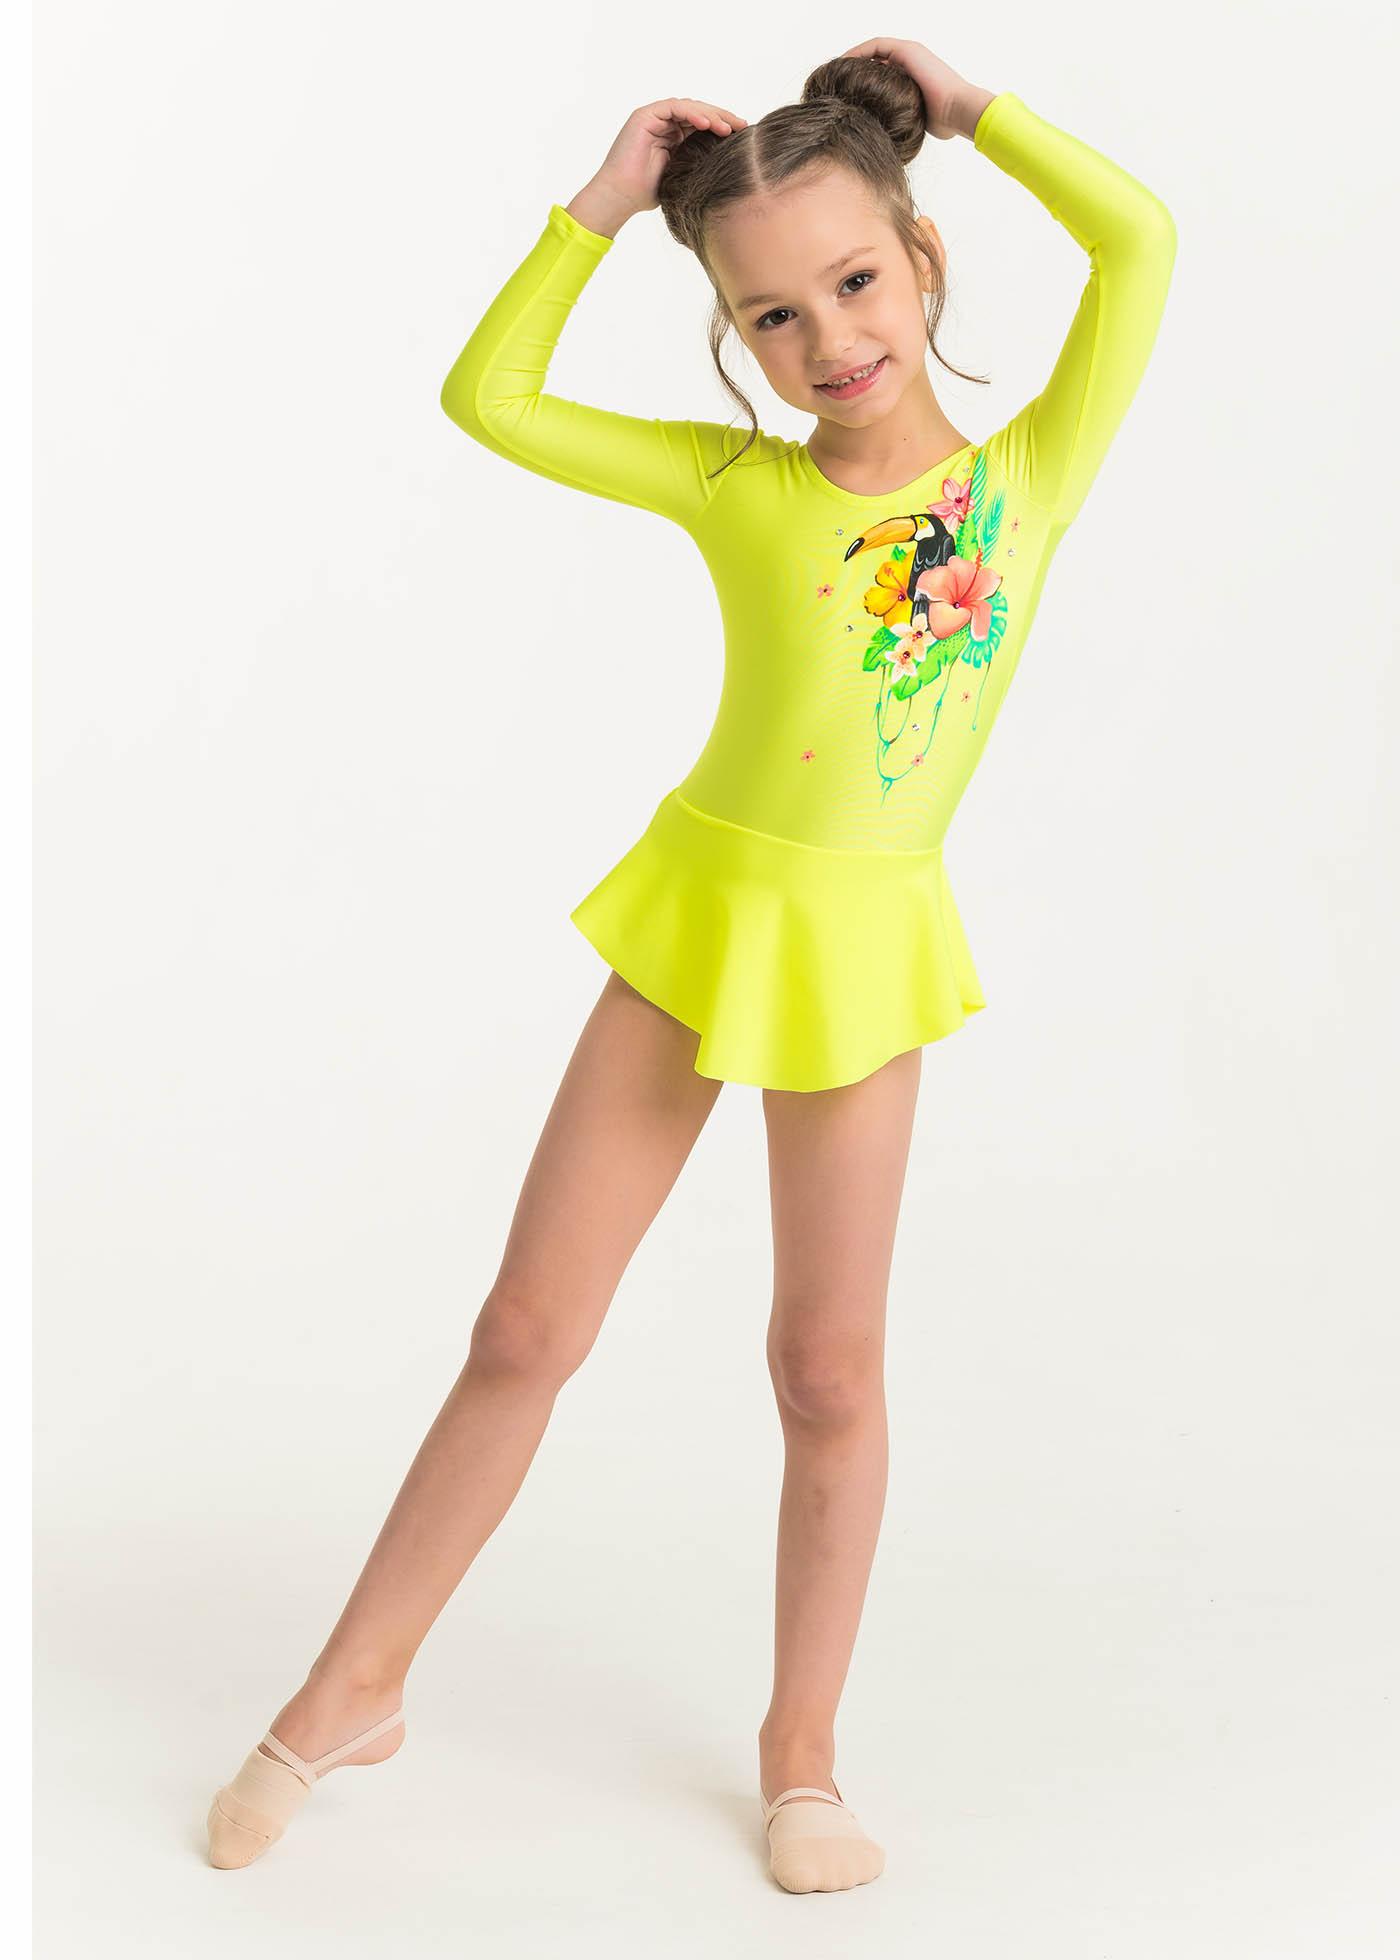 Rhythmic gymnastics, Tropics, pic 4